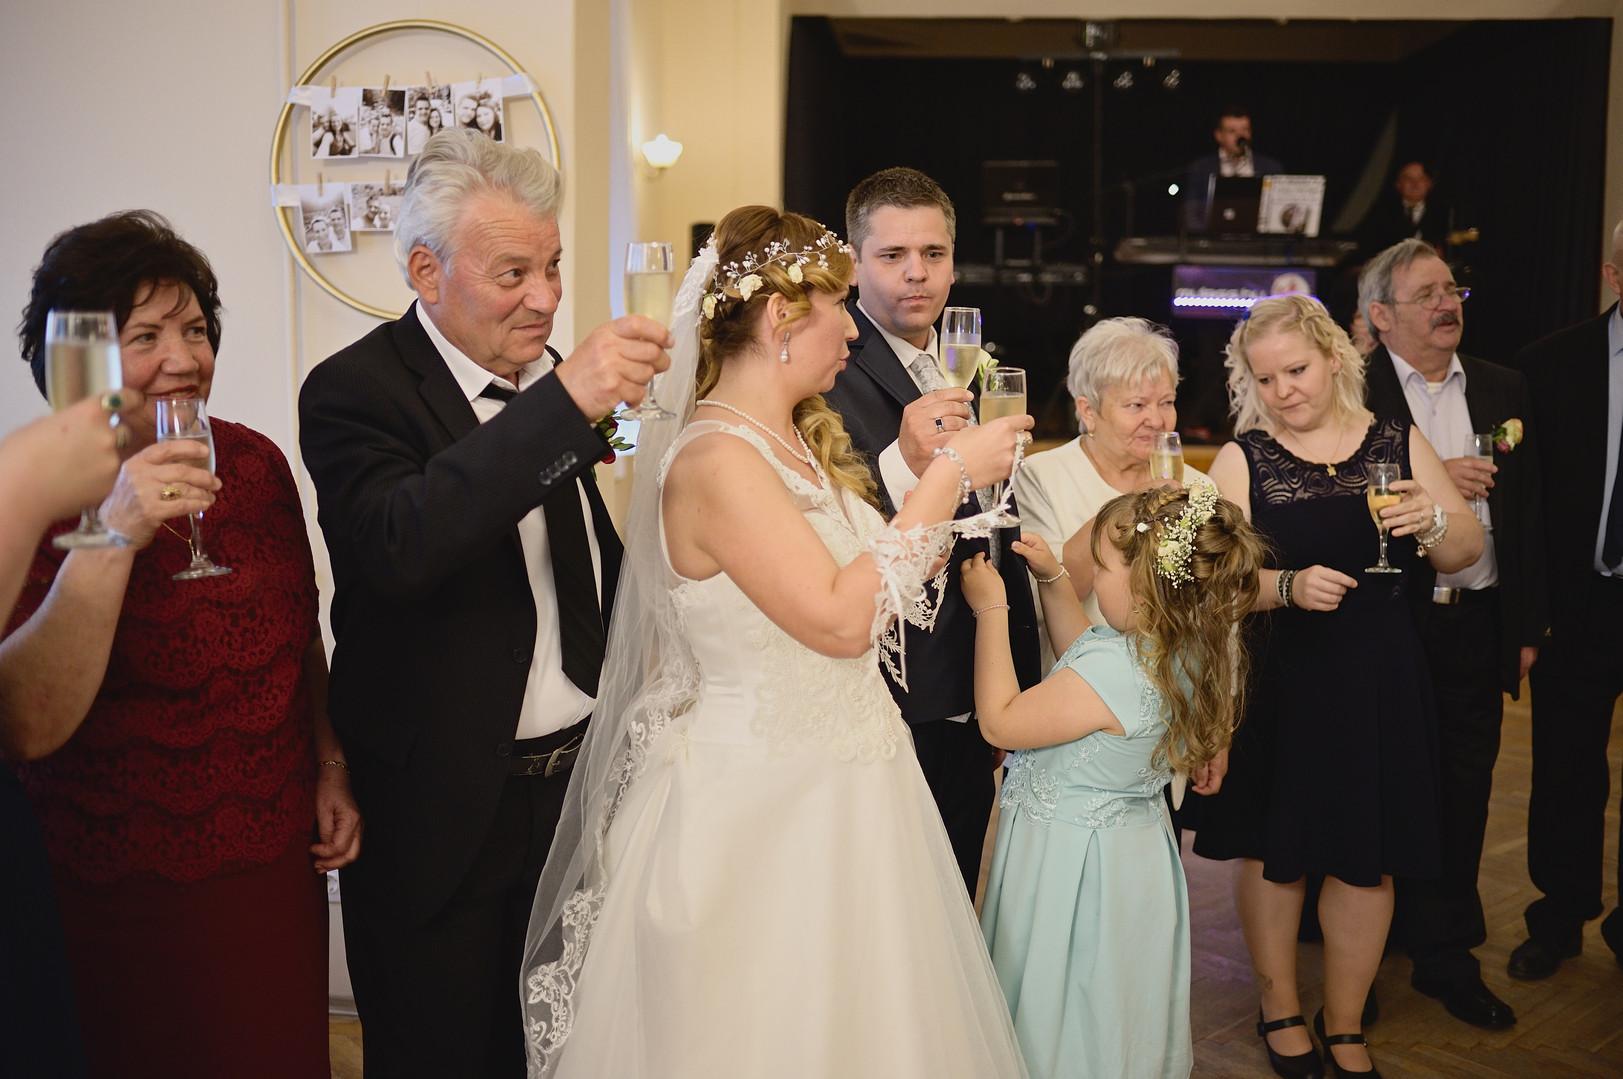 394  Esküvői fotózás - Enikő és Peti Bul